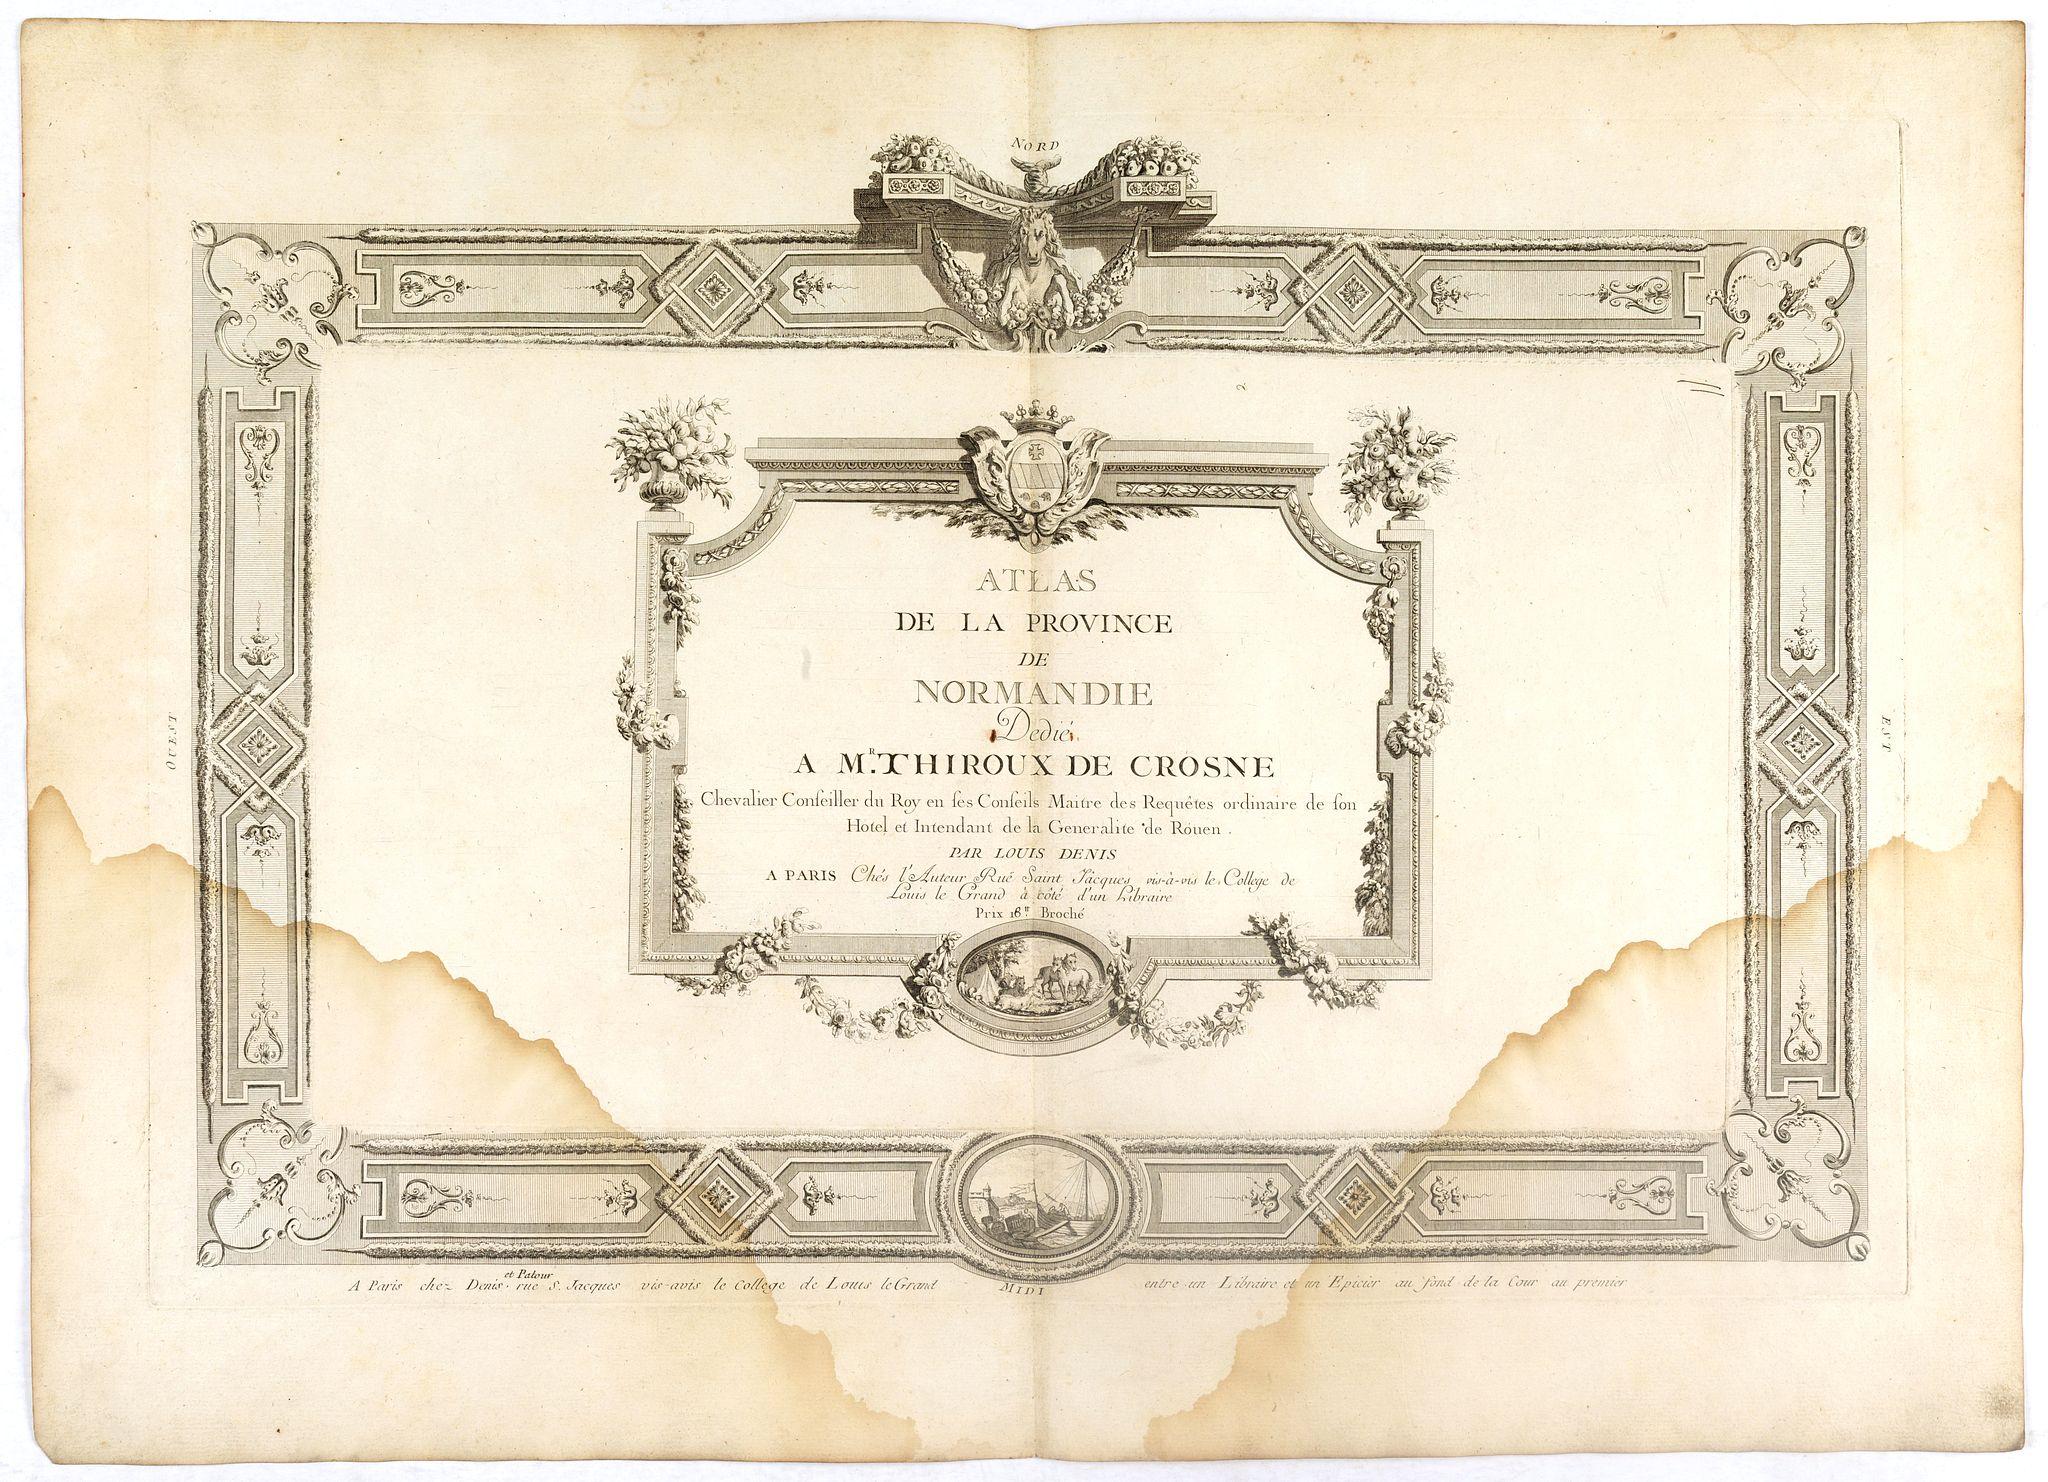 DENIS -  (Title page) Atlas de la Province de Normandie dédié à Mr Thiroux de Crosne . . .